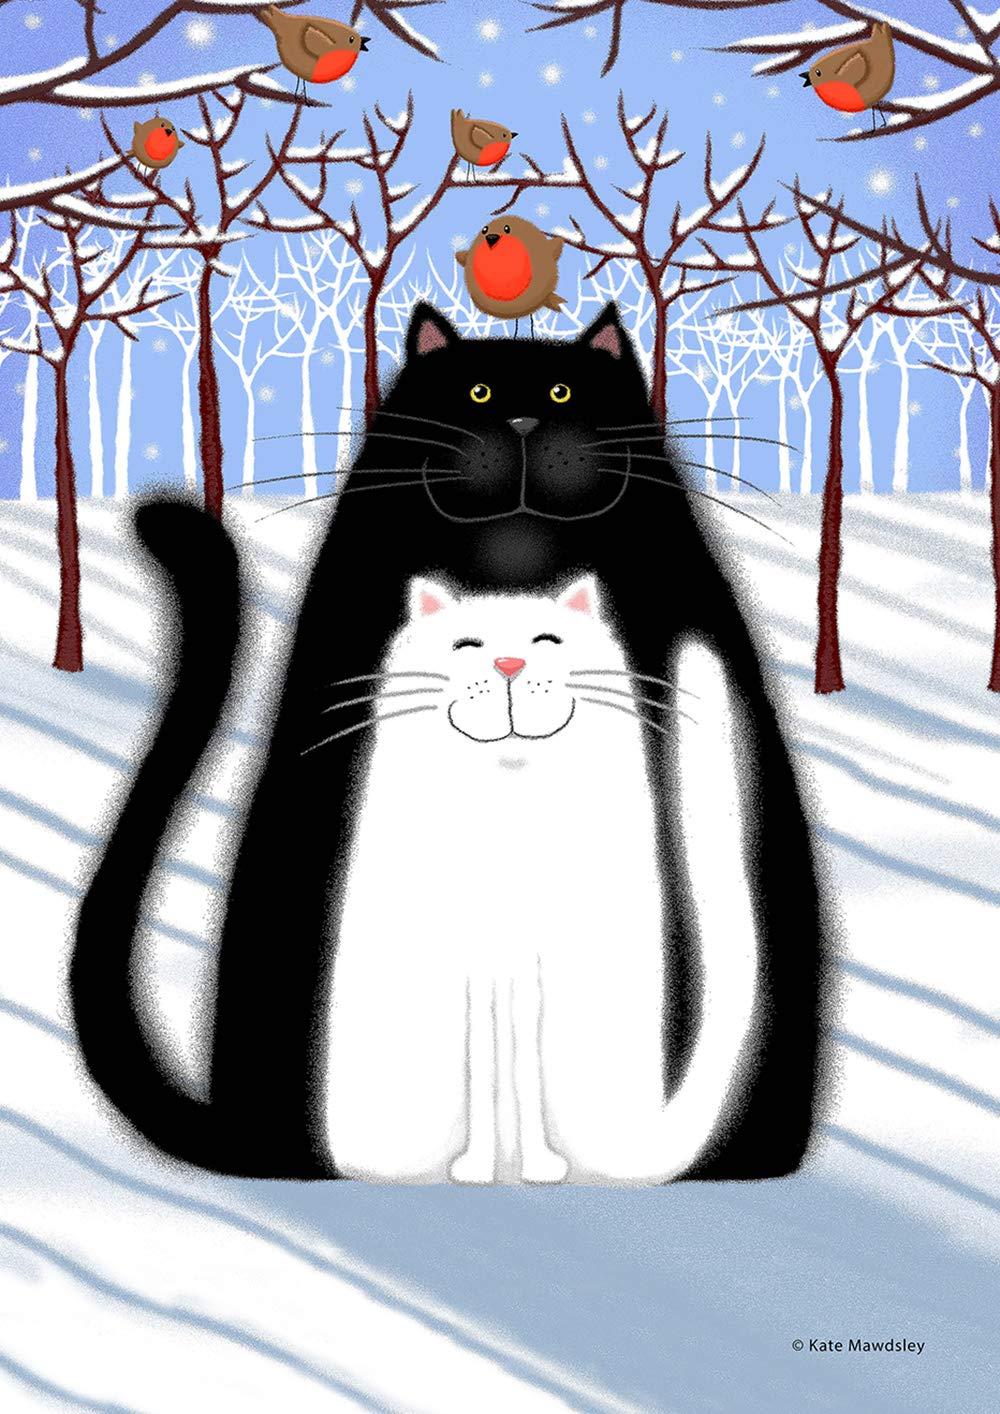 """Toland Home Garden 1112257 Snow Cats and Birds 12.5 x 18 Inch Decorative, Garden Flag (12.5"""" x 18""""),"""